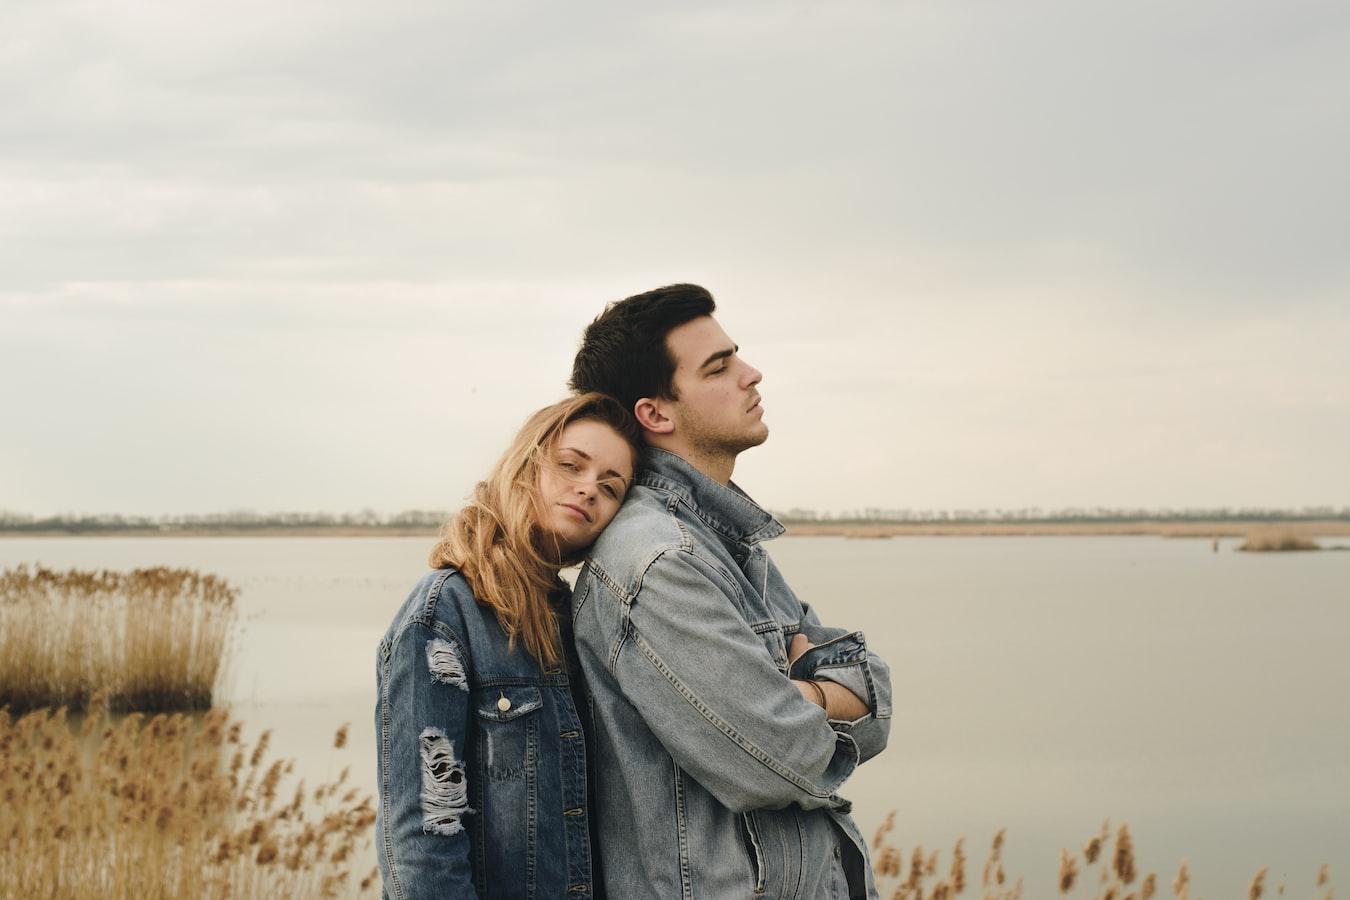 一直很擔心伴侶出軌:你是專注你的恐懼憂慮,還是關係互動?